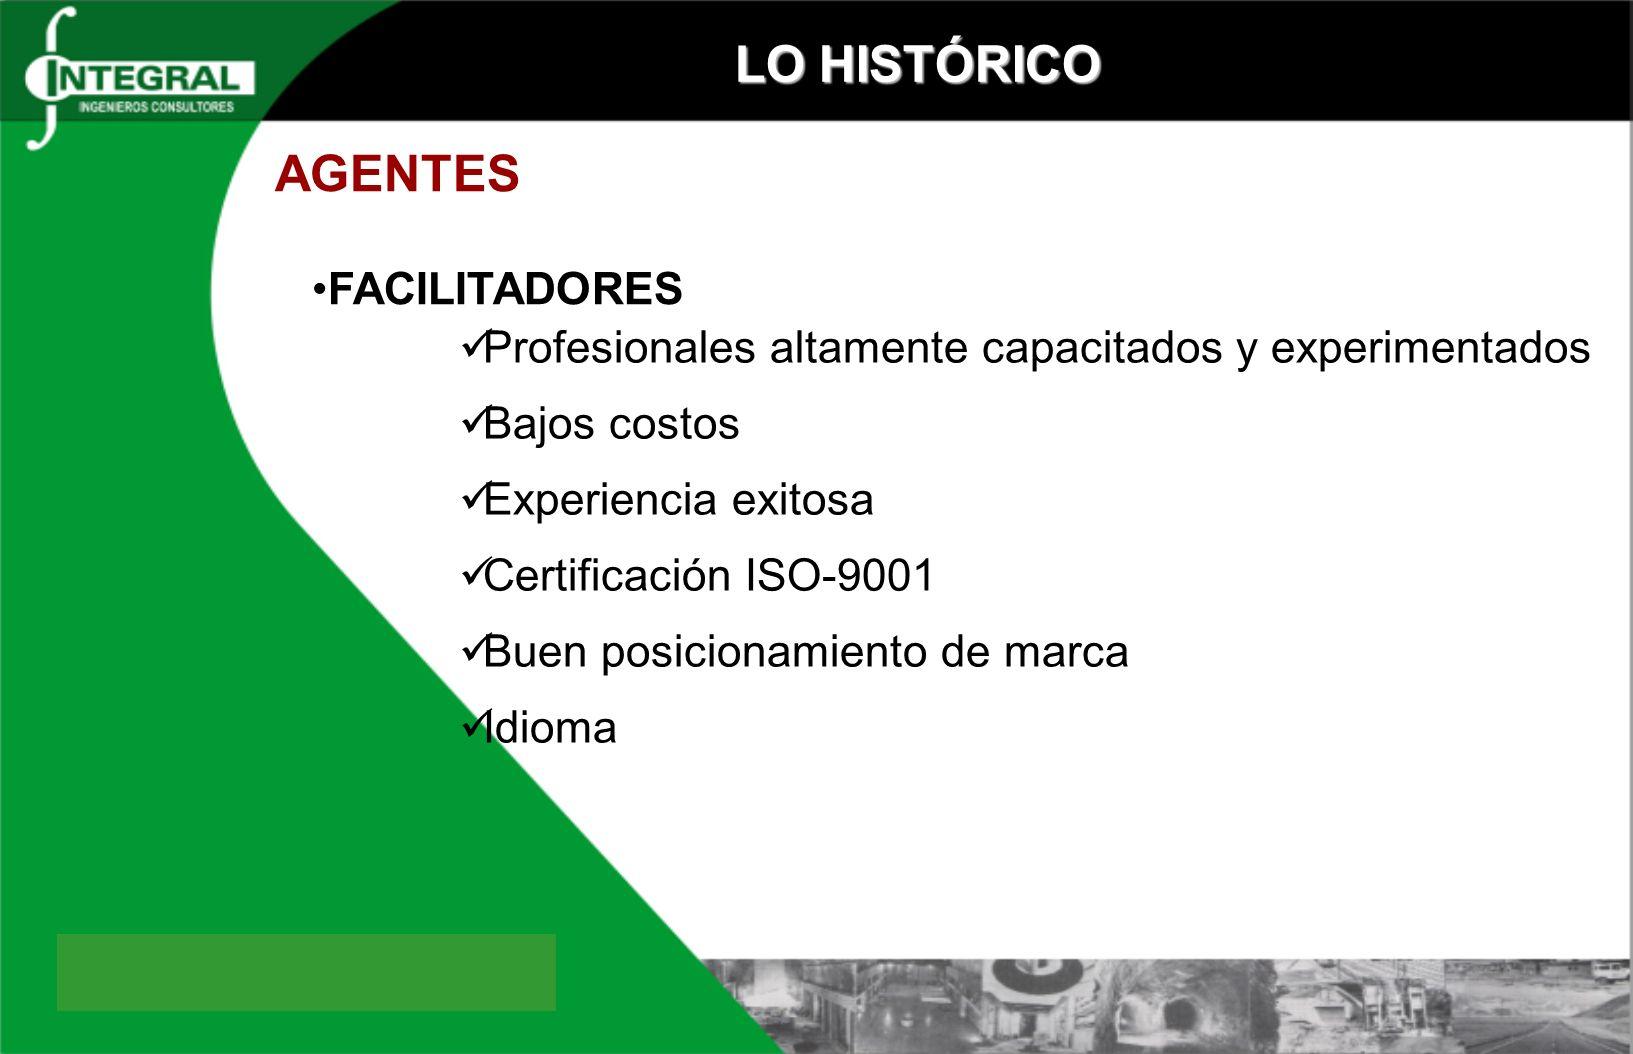 LO HISTÓRICO AGENTES FACILITADORES Profesionales altamente capacitados y experimentados Bajos costos Experiencia exitosa Certificación ISO-9001 Buen posicionamiento de marca Idioma